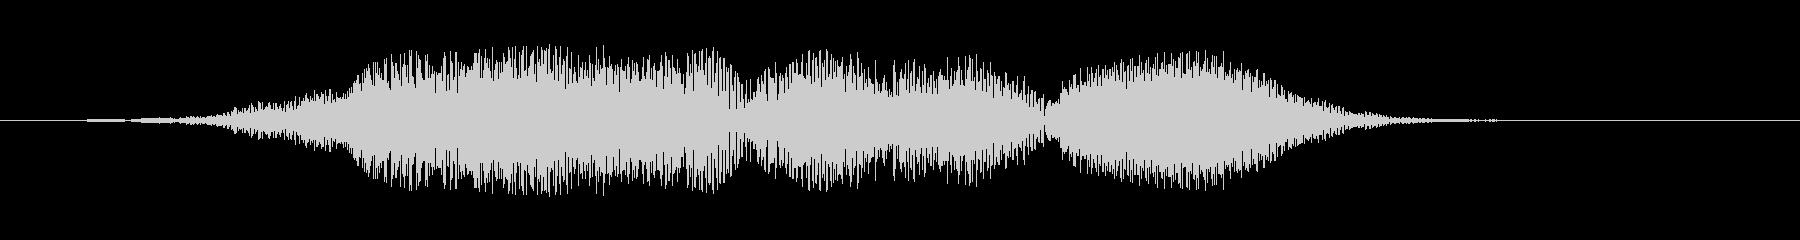 ヒューシュヘビーパワームーブメントの未再生の波形